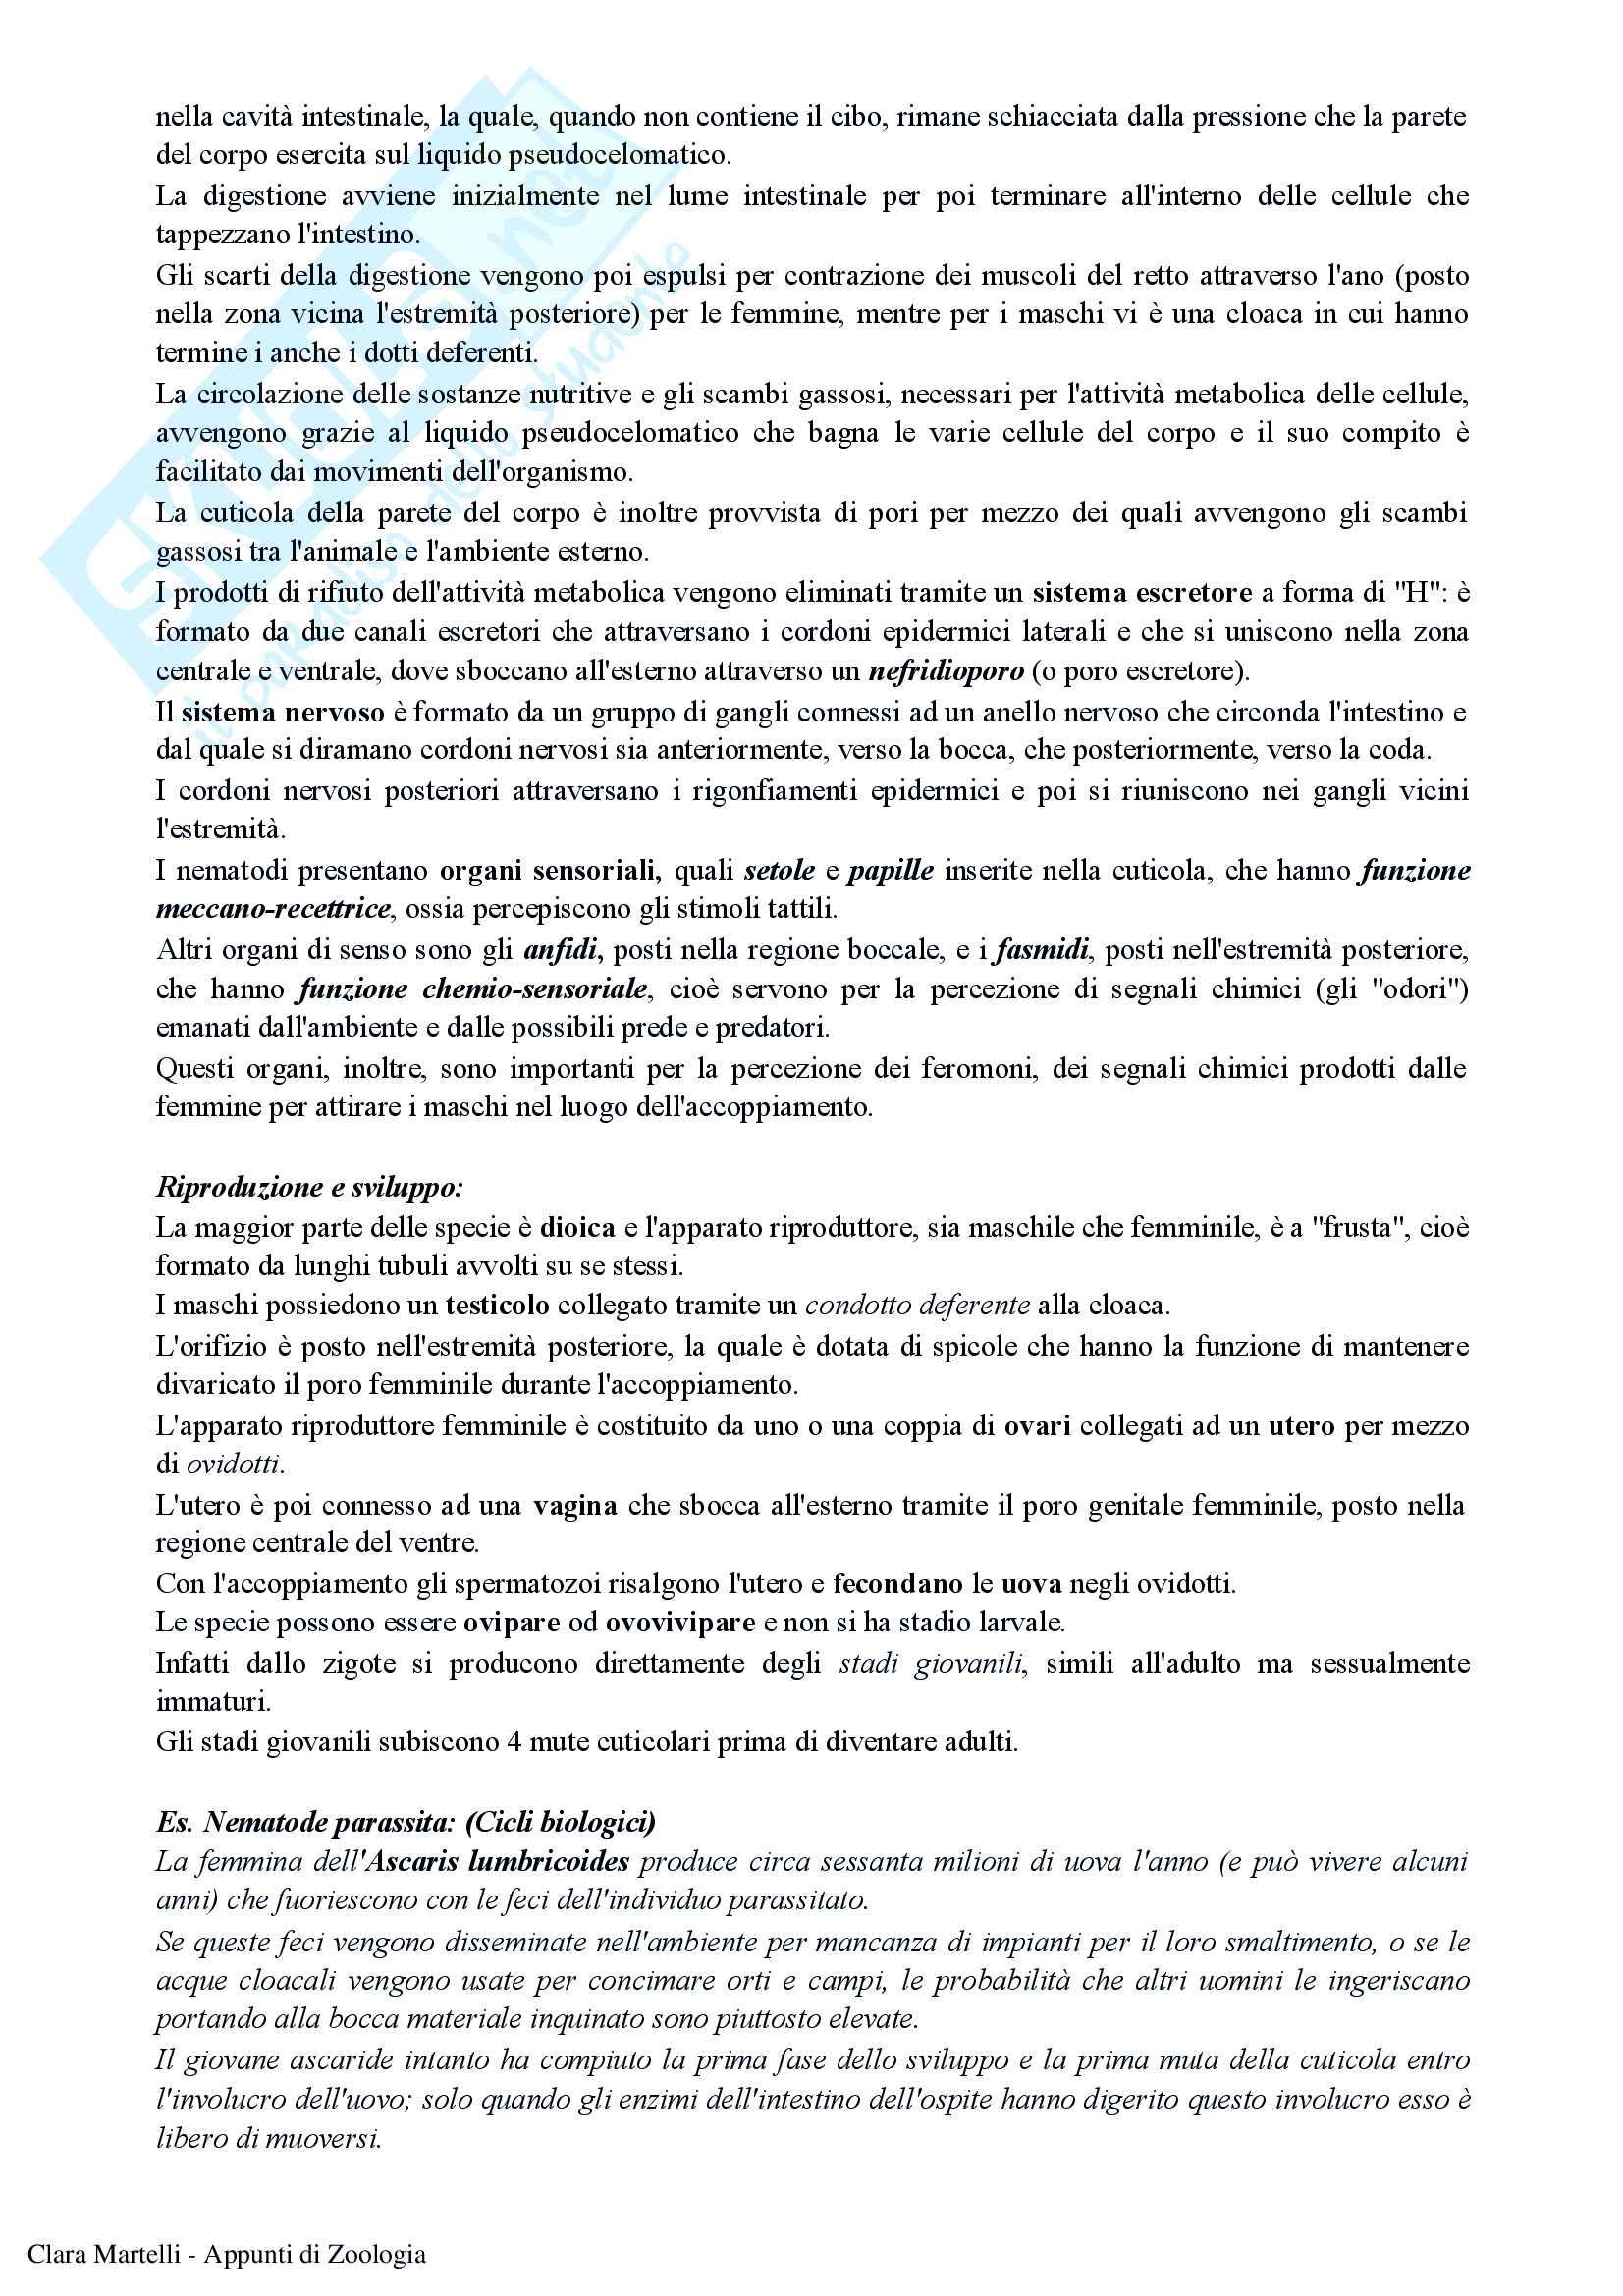 Appunti di Zoologia (prof. Turillazzi, prof.ssa Scapini) Pag. 81